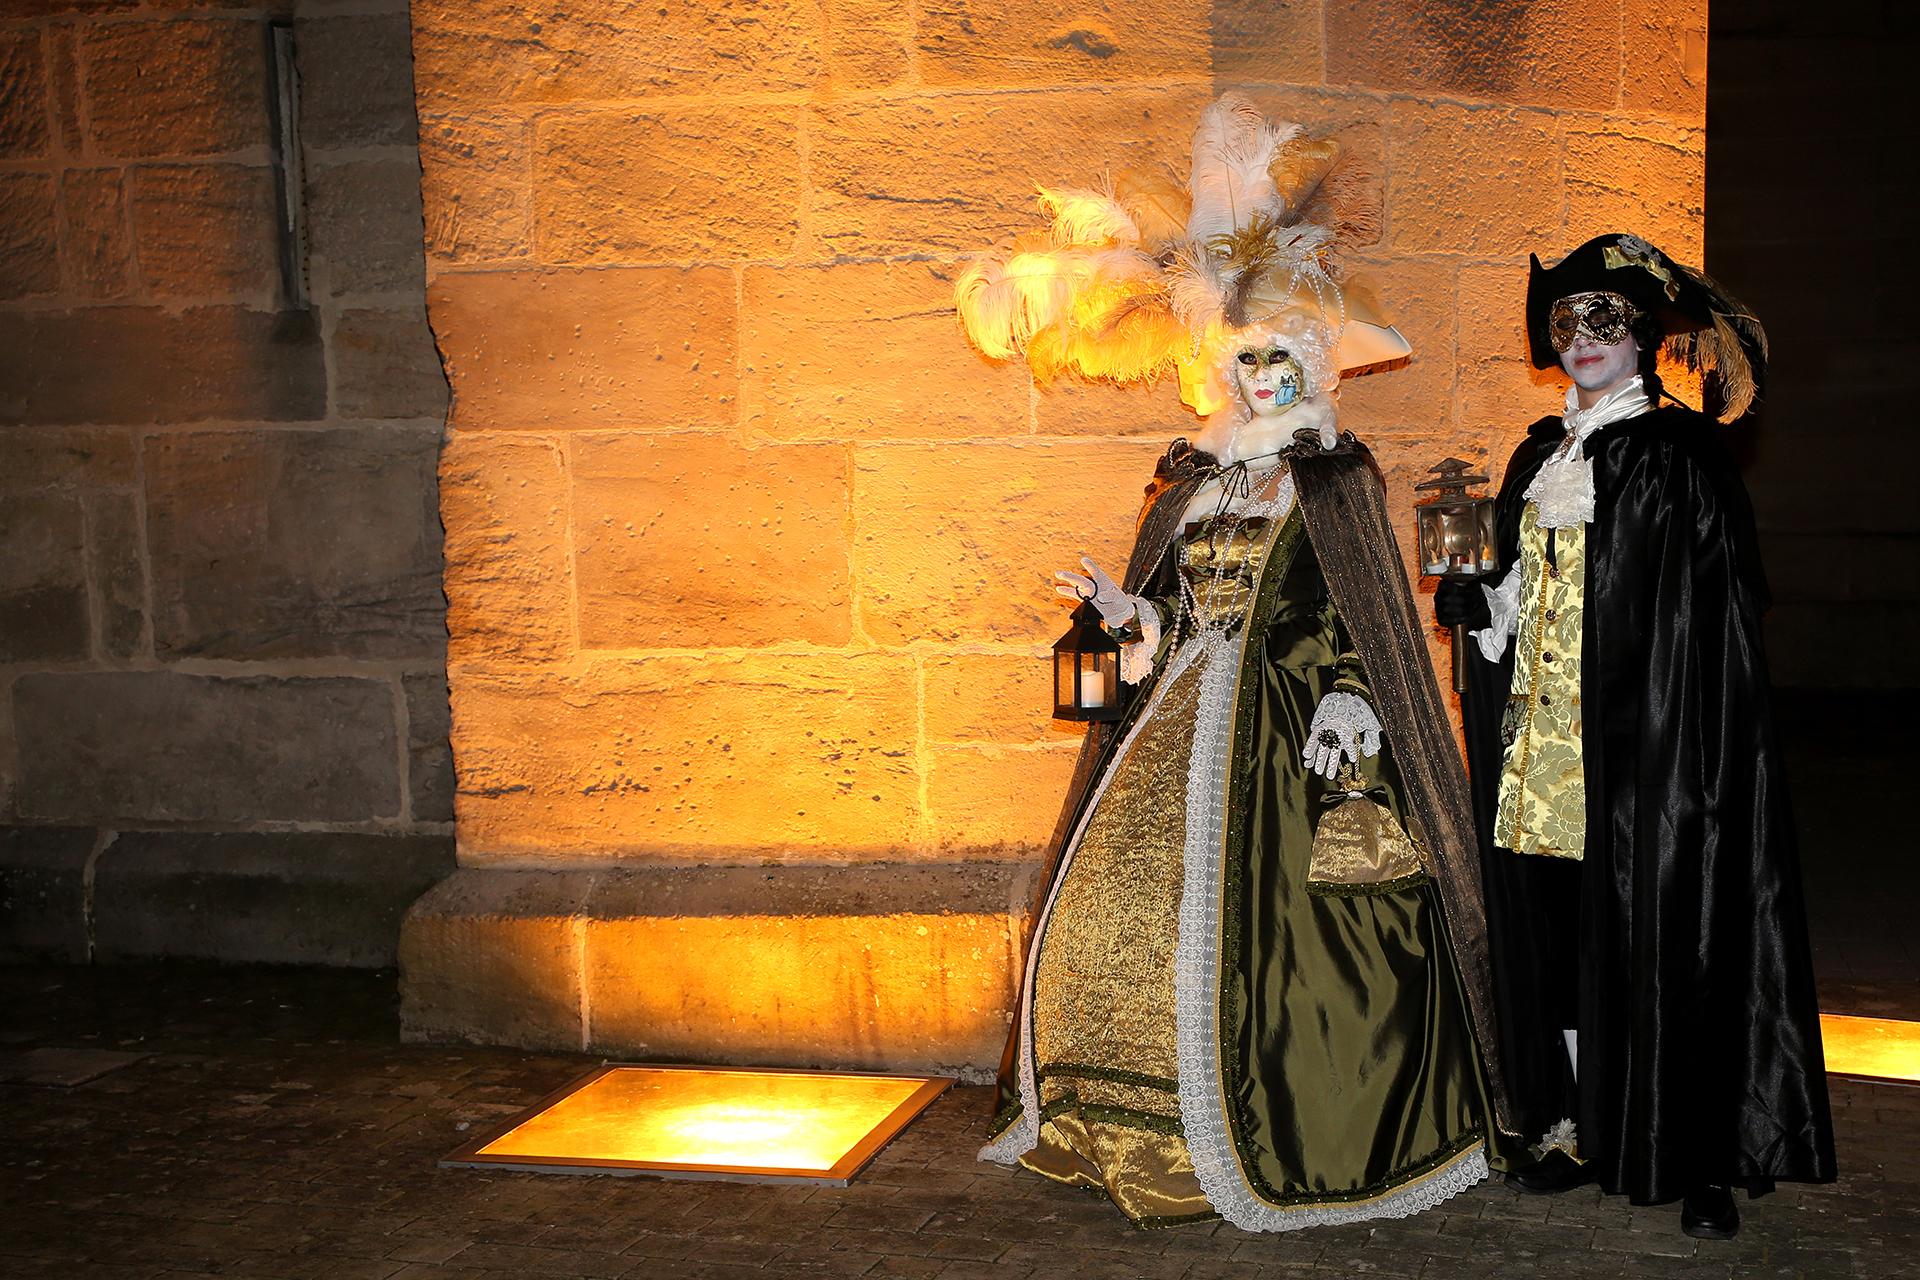 Lanterne et jeu de lumière devant l'abbatiale- Photo Blandine et Francis Aubertin